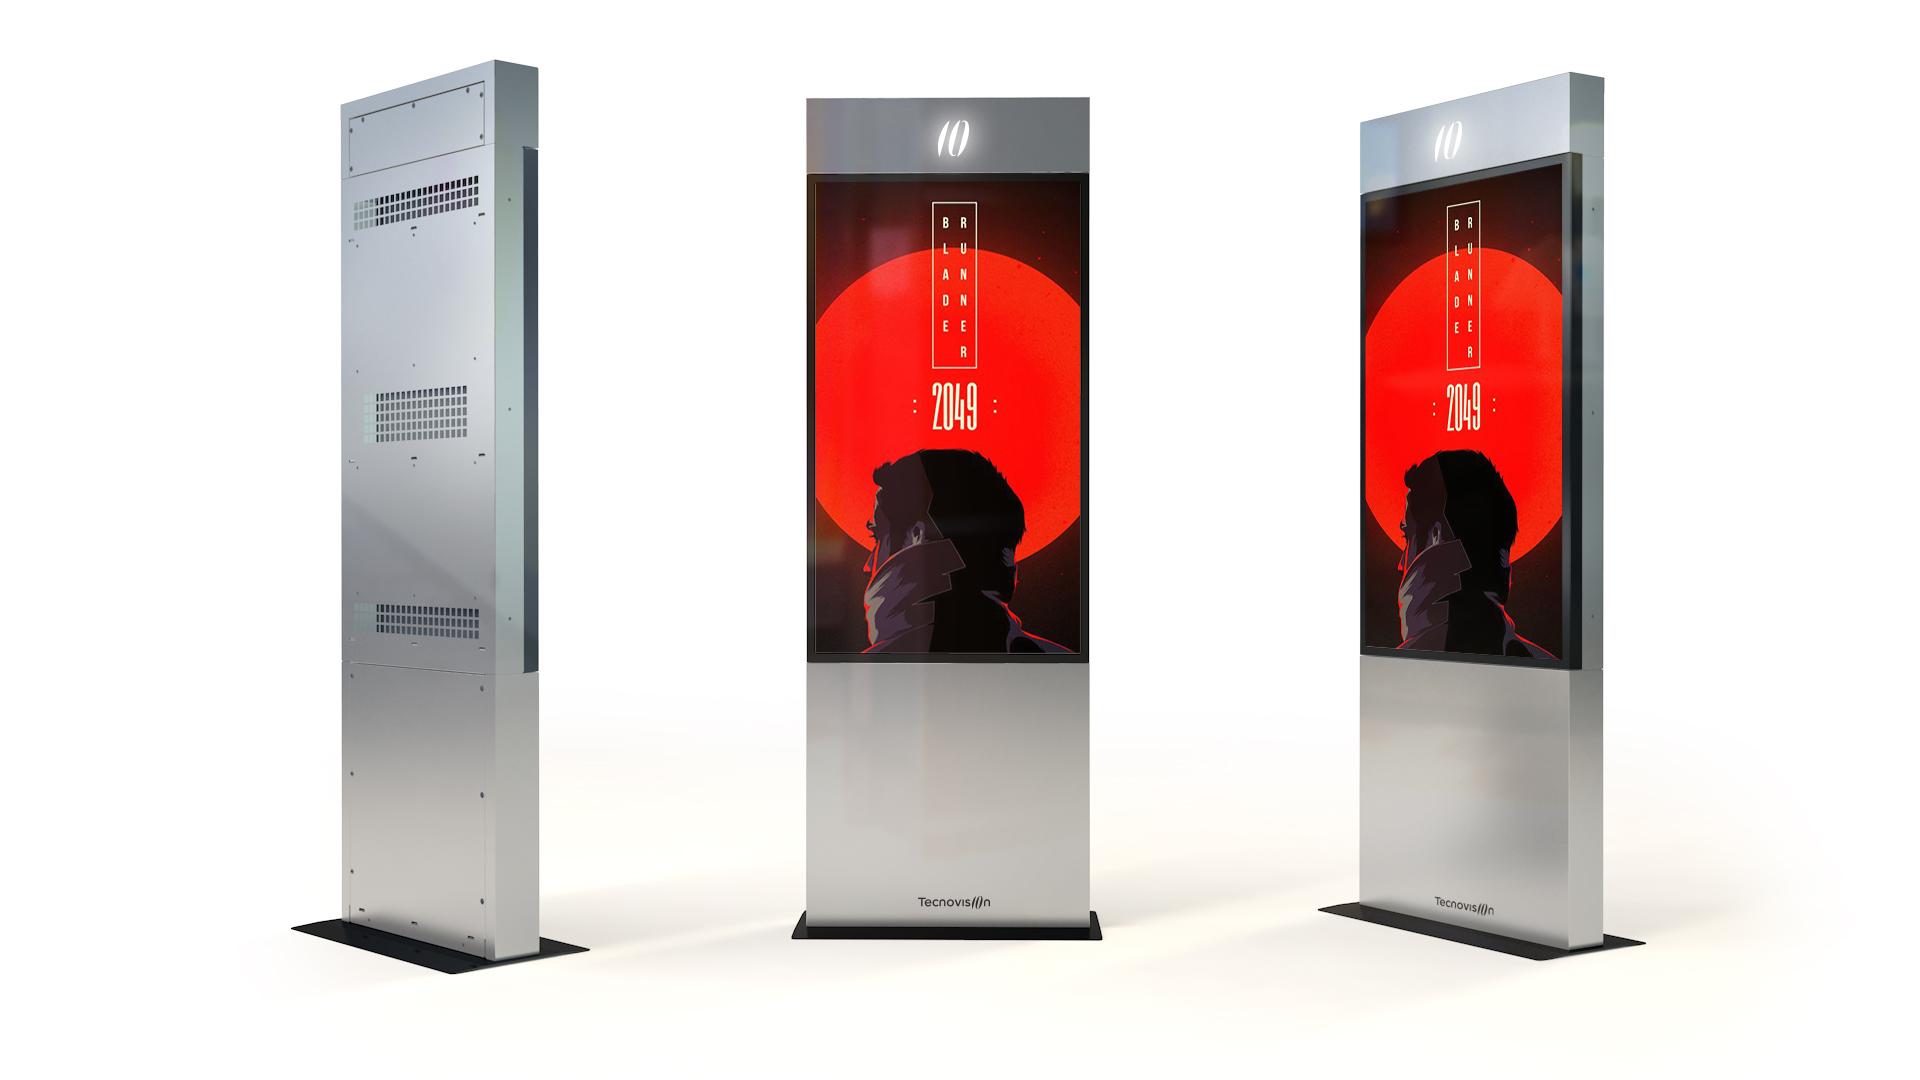 Totem outdoor schermo LCD alta luminosità high brightness cristallo protettivo anti vandalico IK10